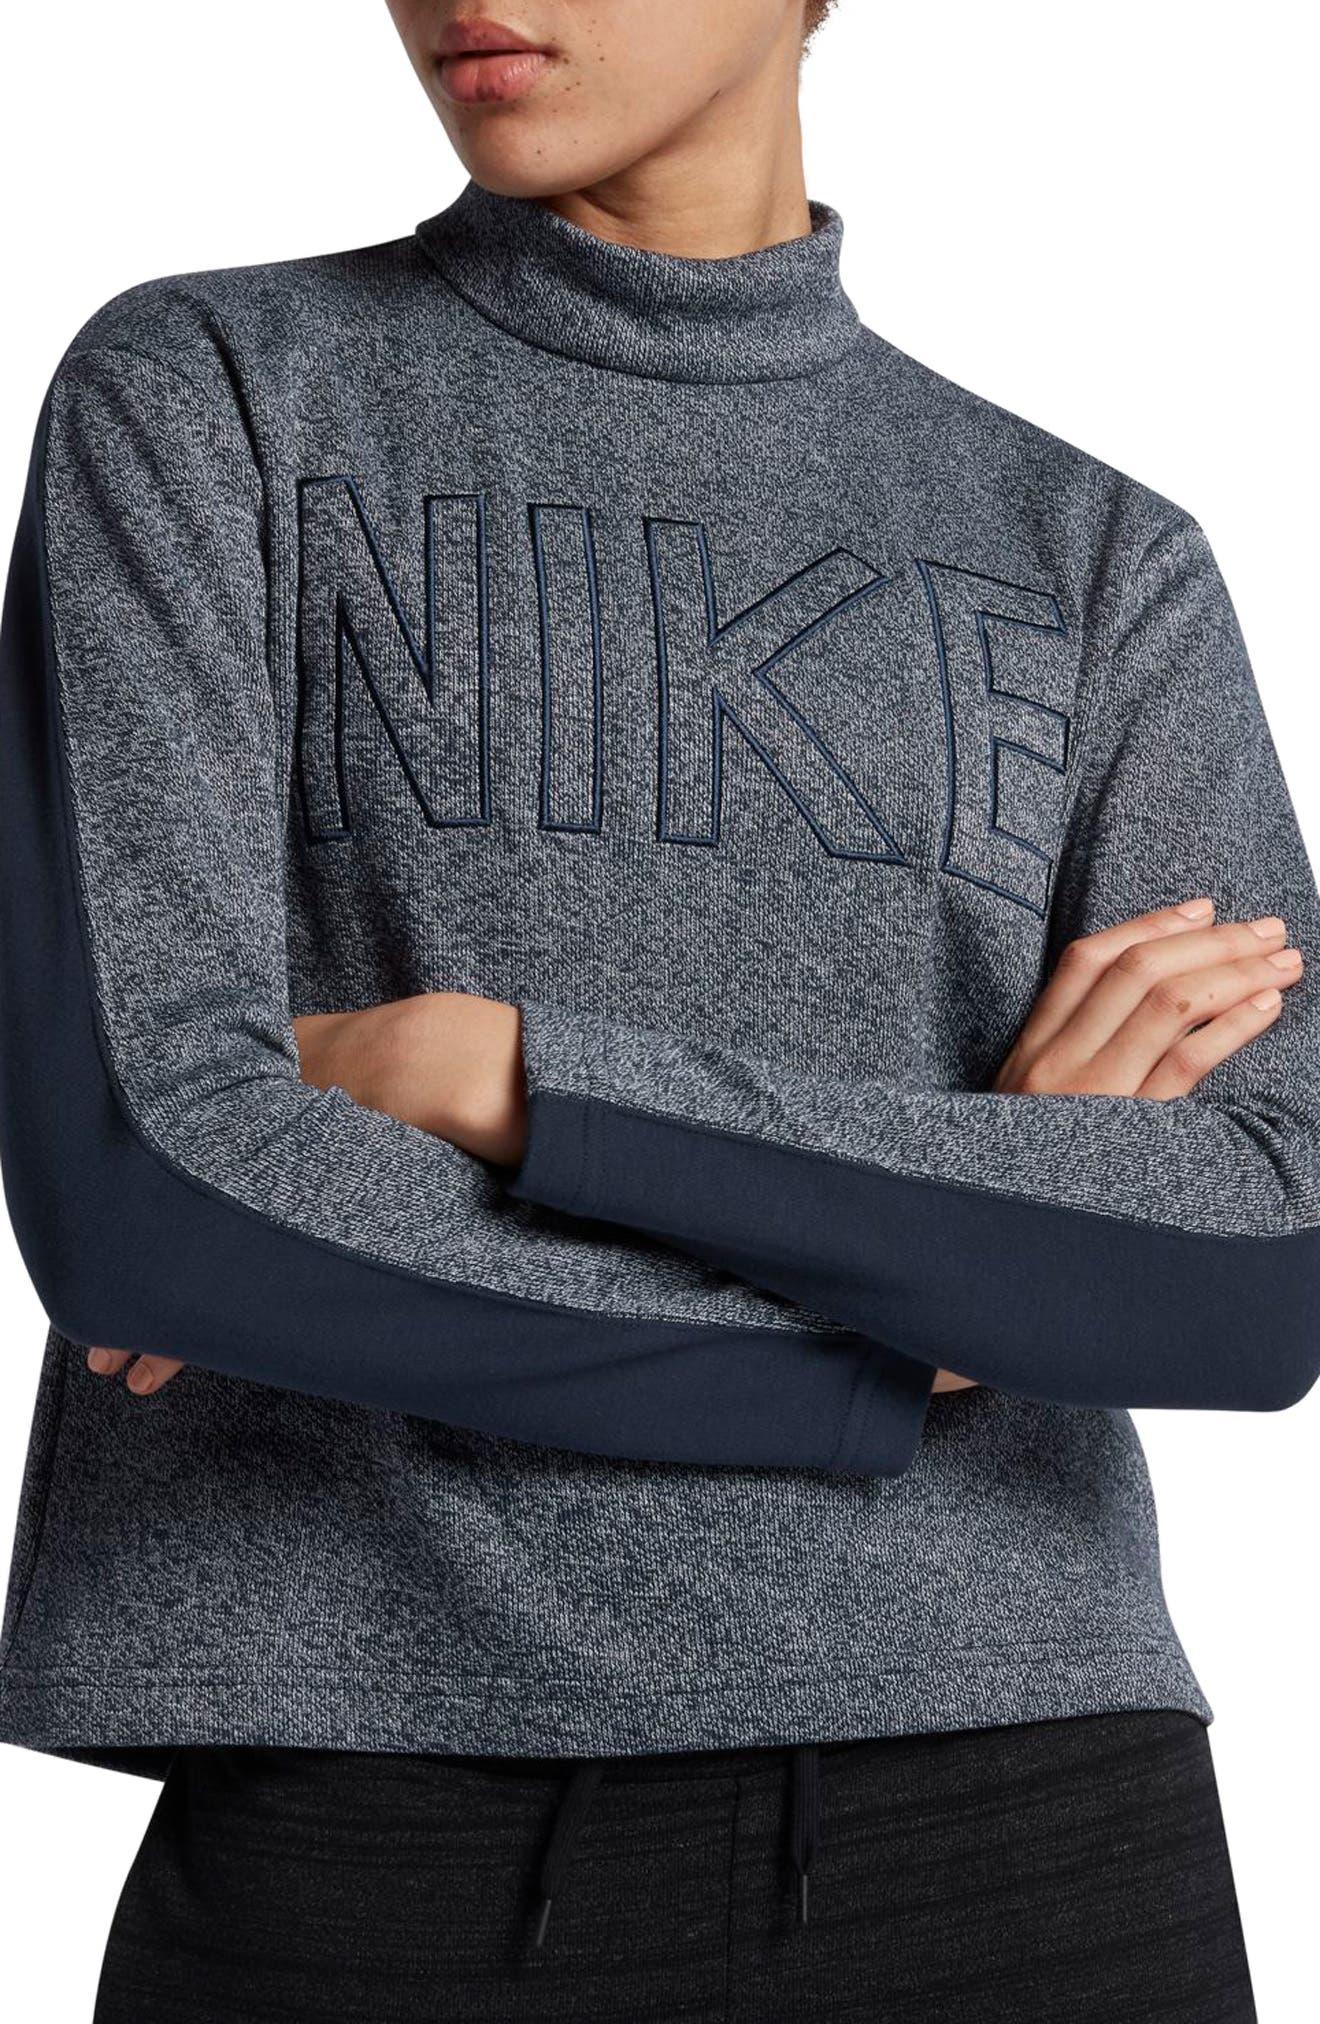 Nike Women's Sportswear Jersey Top